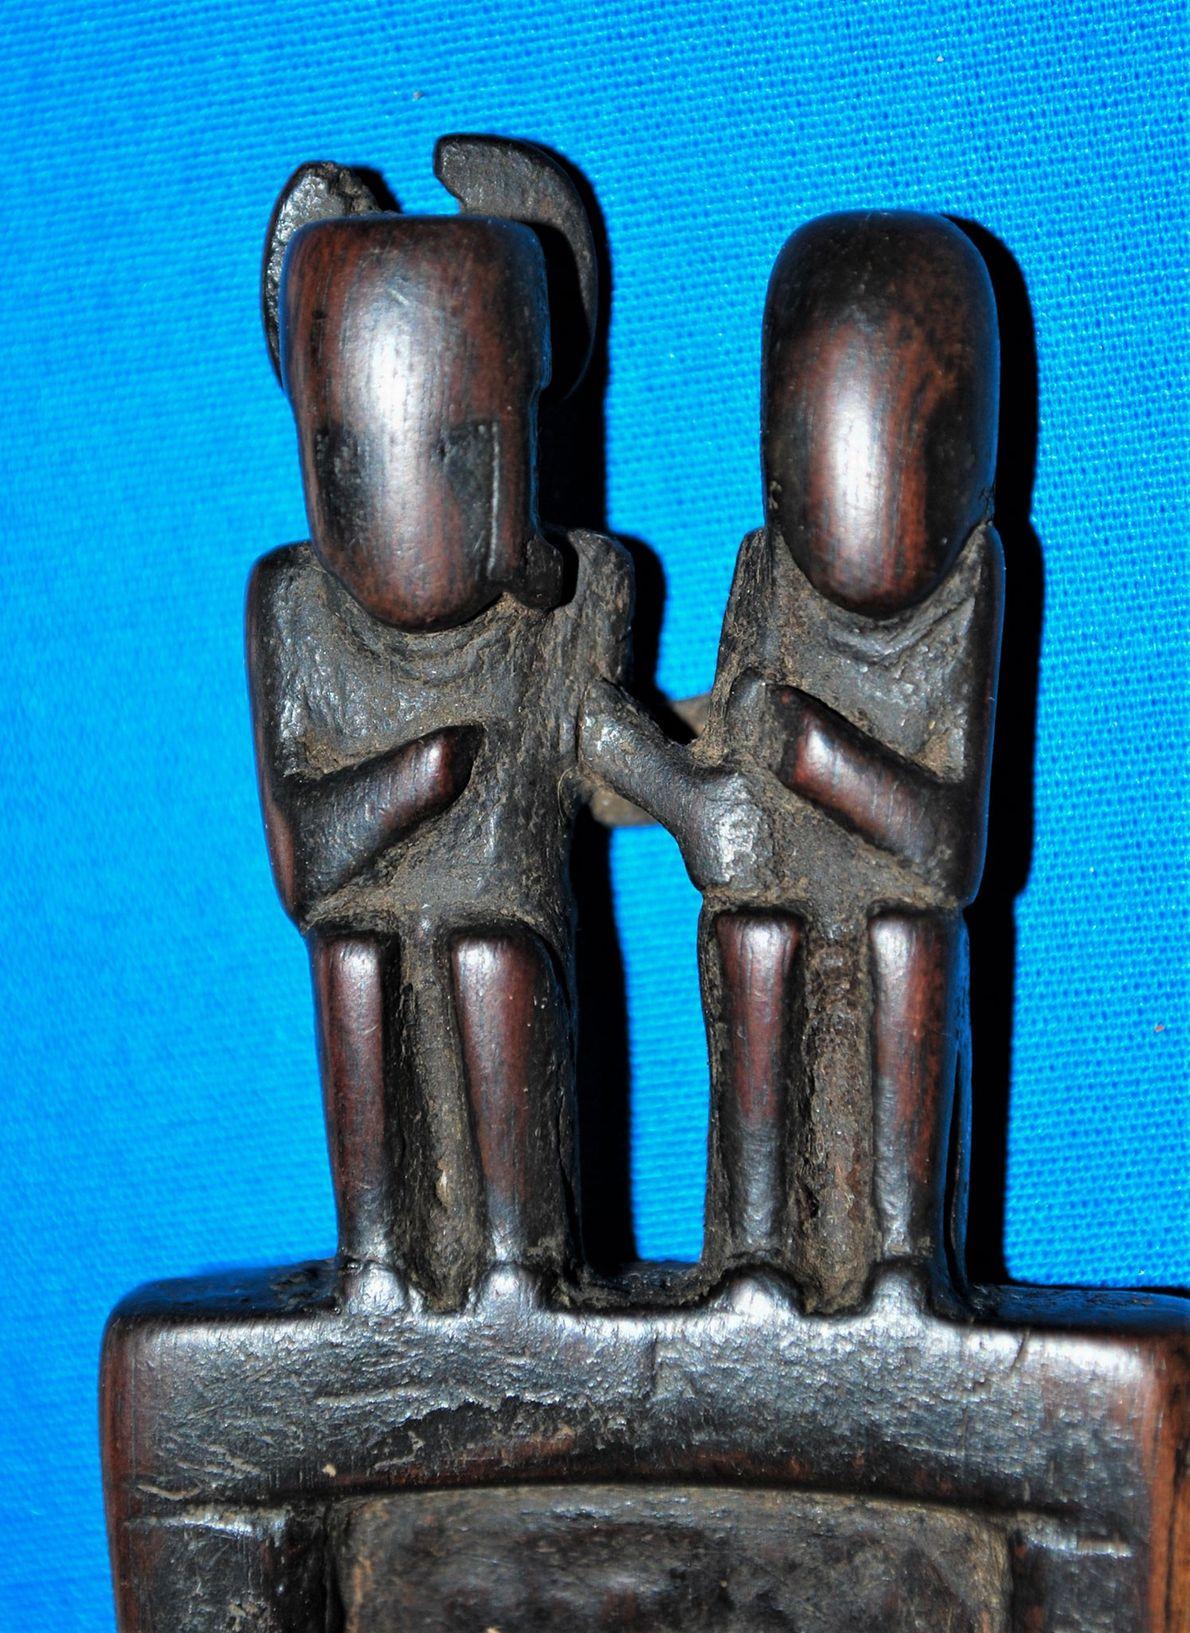 Estas figuras decoram uma peça de rituais em madeira, encontrada em Cueva del Chileno.